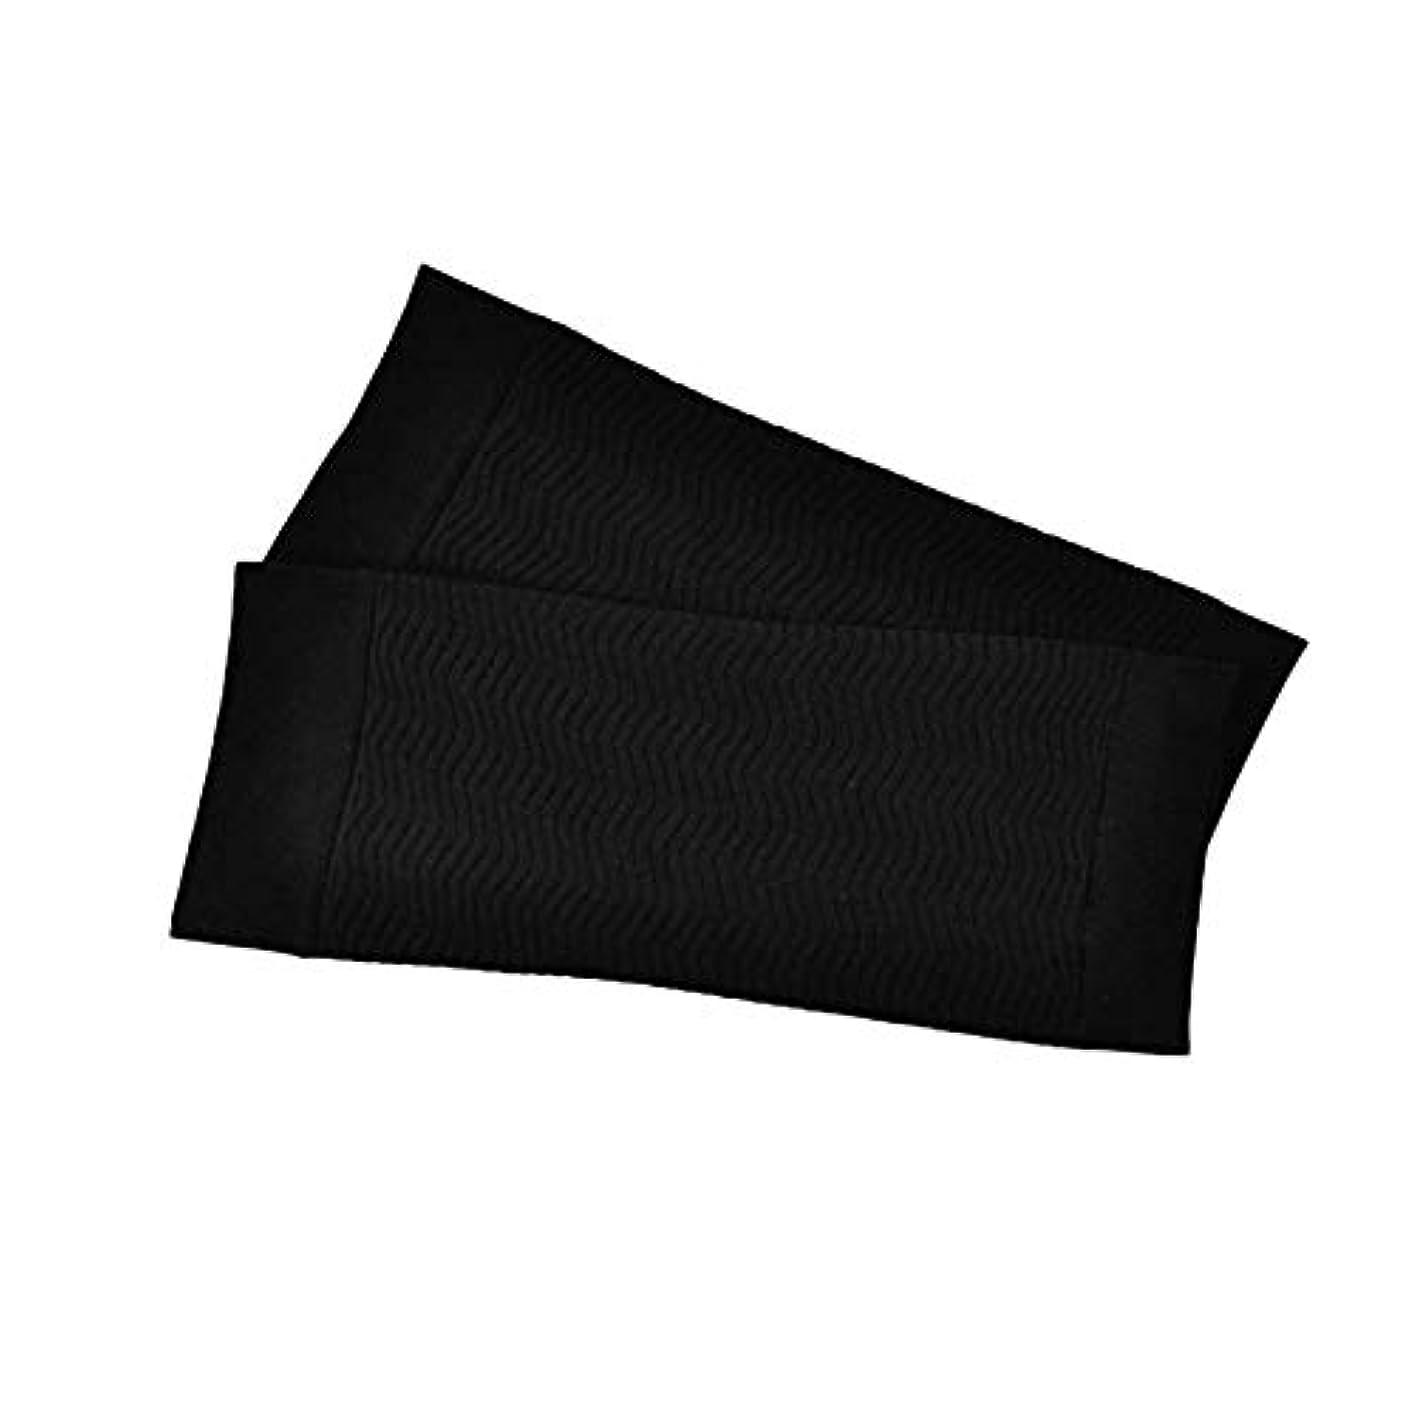 ボウリング叙情的な極貧1ペア680 D圧縮アームシェイパーワークアウトトーニングバーンセルライトスリミングアームスリーブ脂肪燃焼半袖用女性 - ブラック